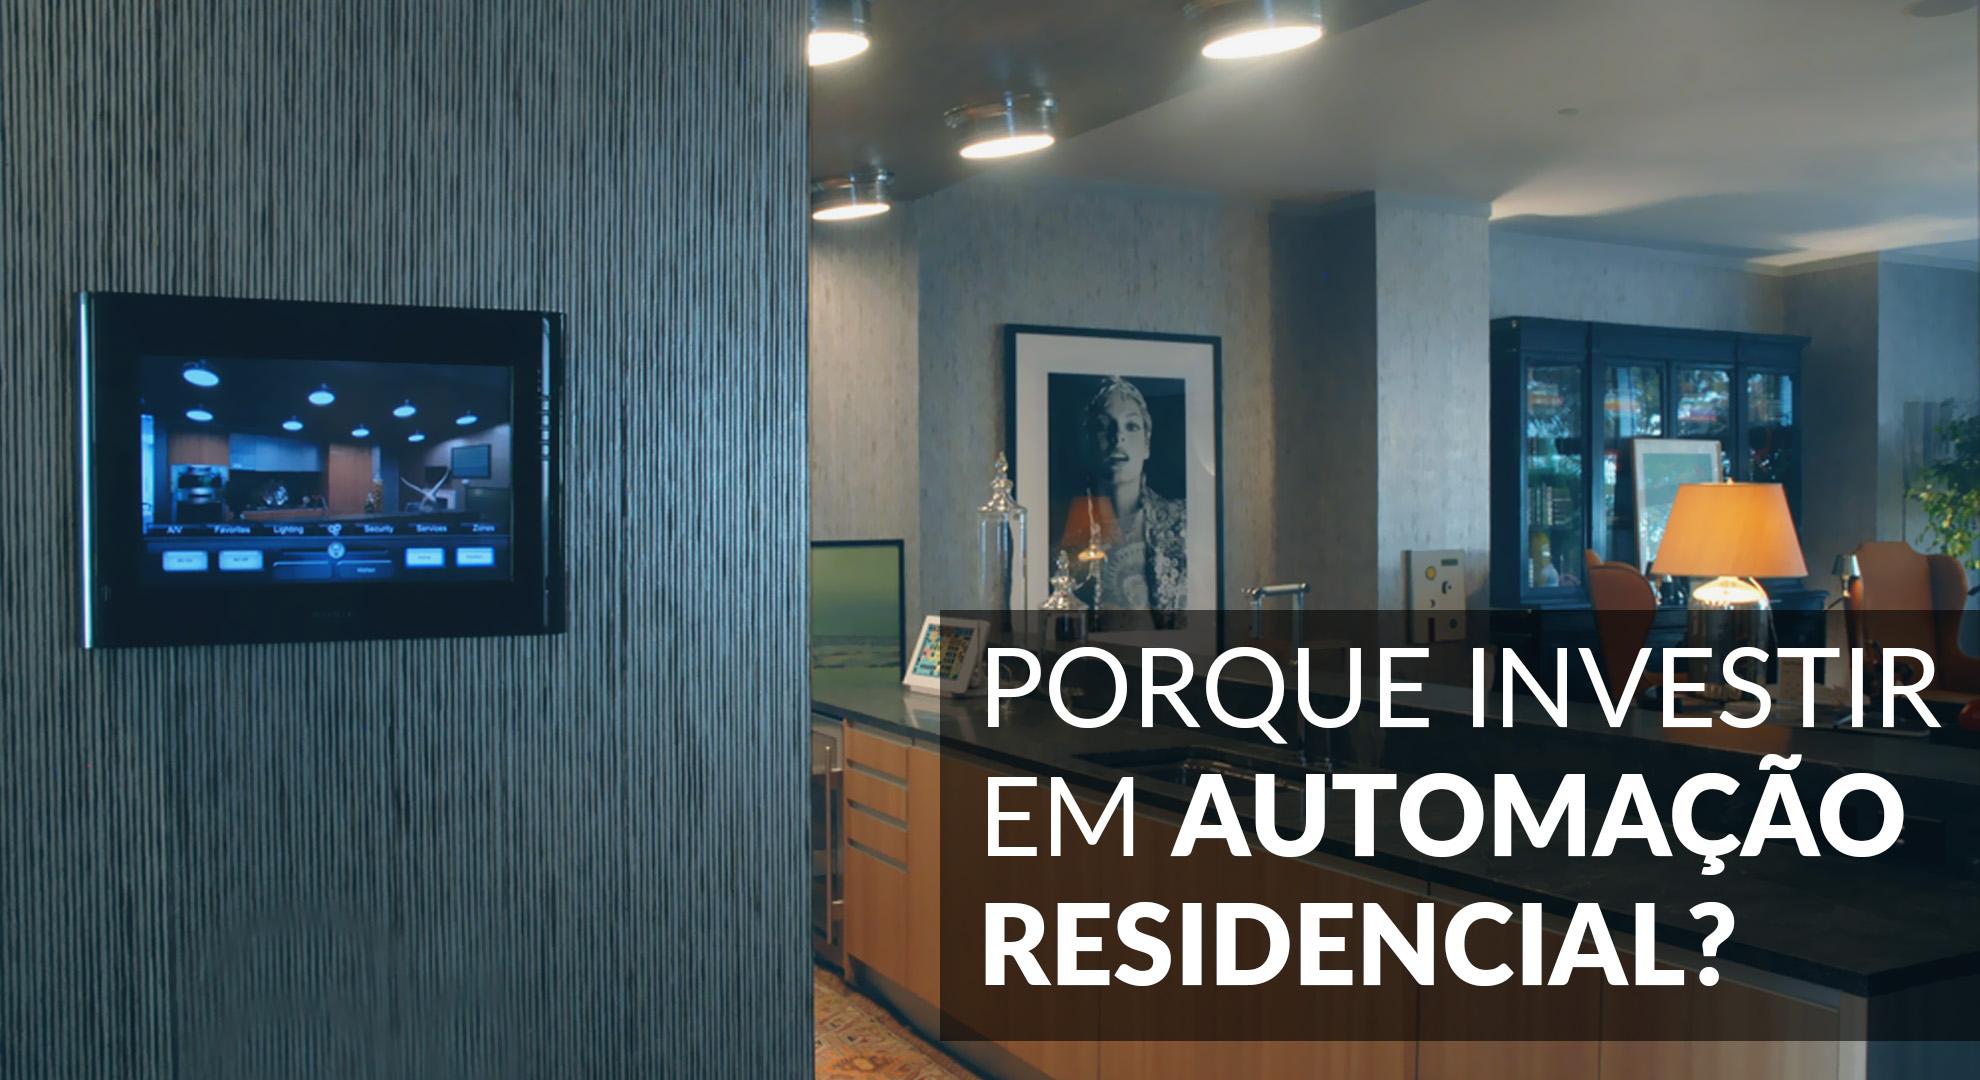 Porque Investir em Automação Residencial